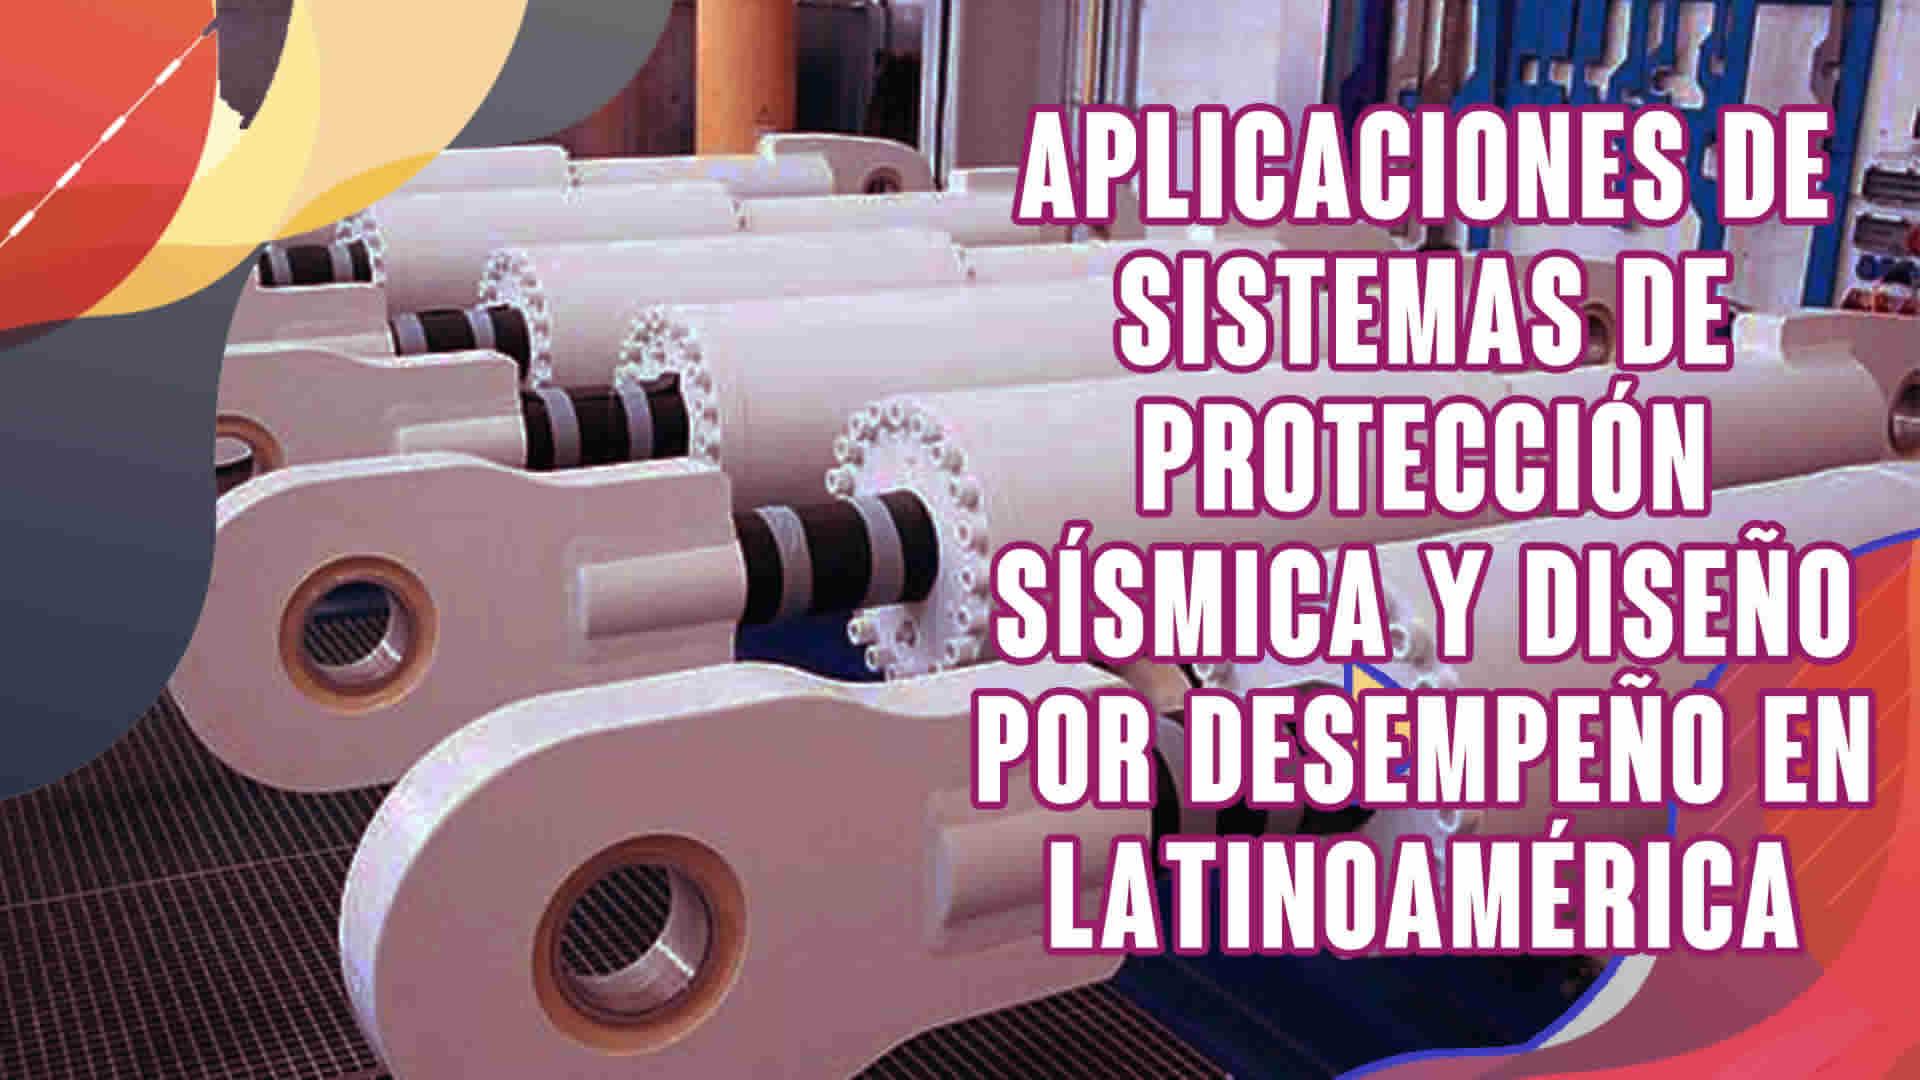 Aplicaciones de sistemas de protección sísmica y diseño por desempeño en Latinoamérica